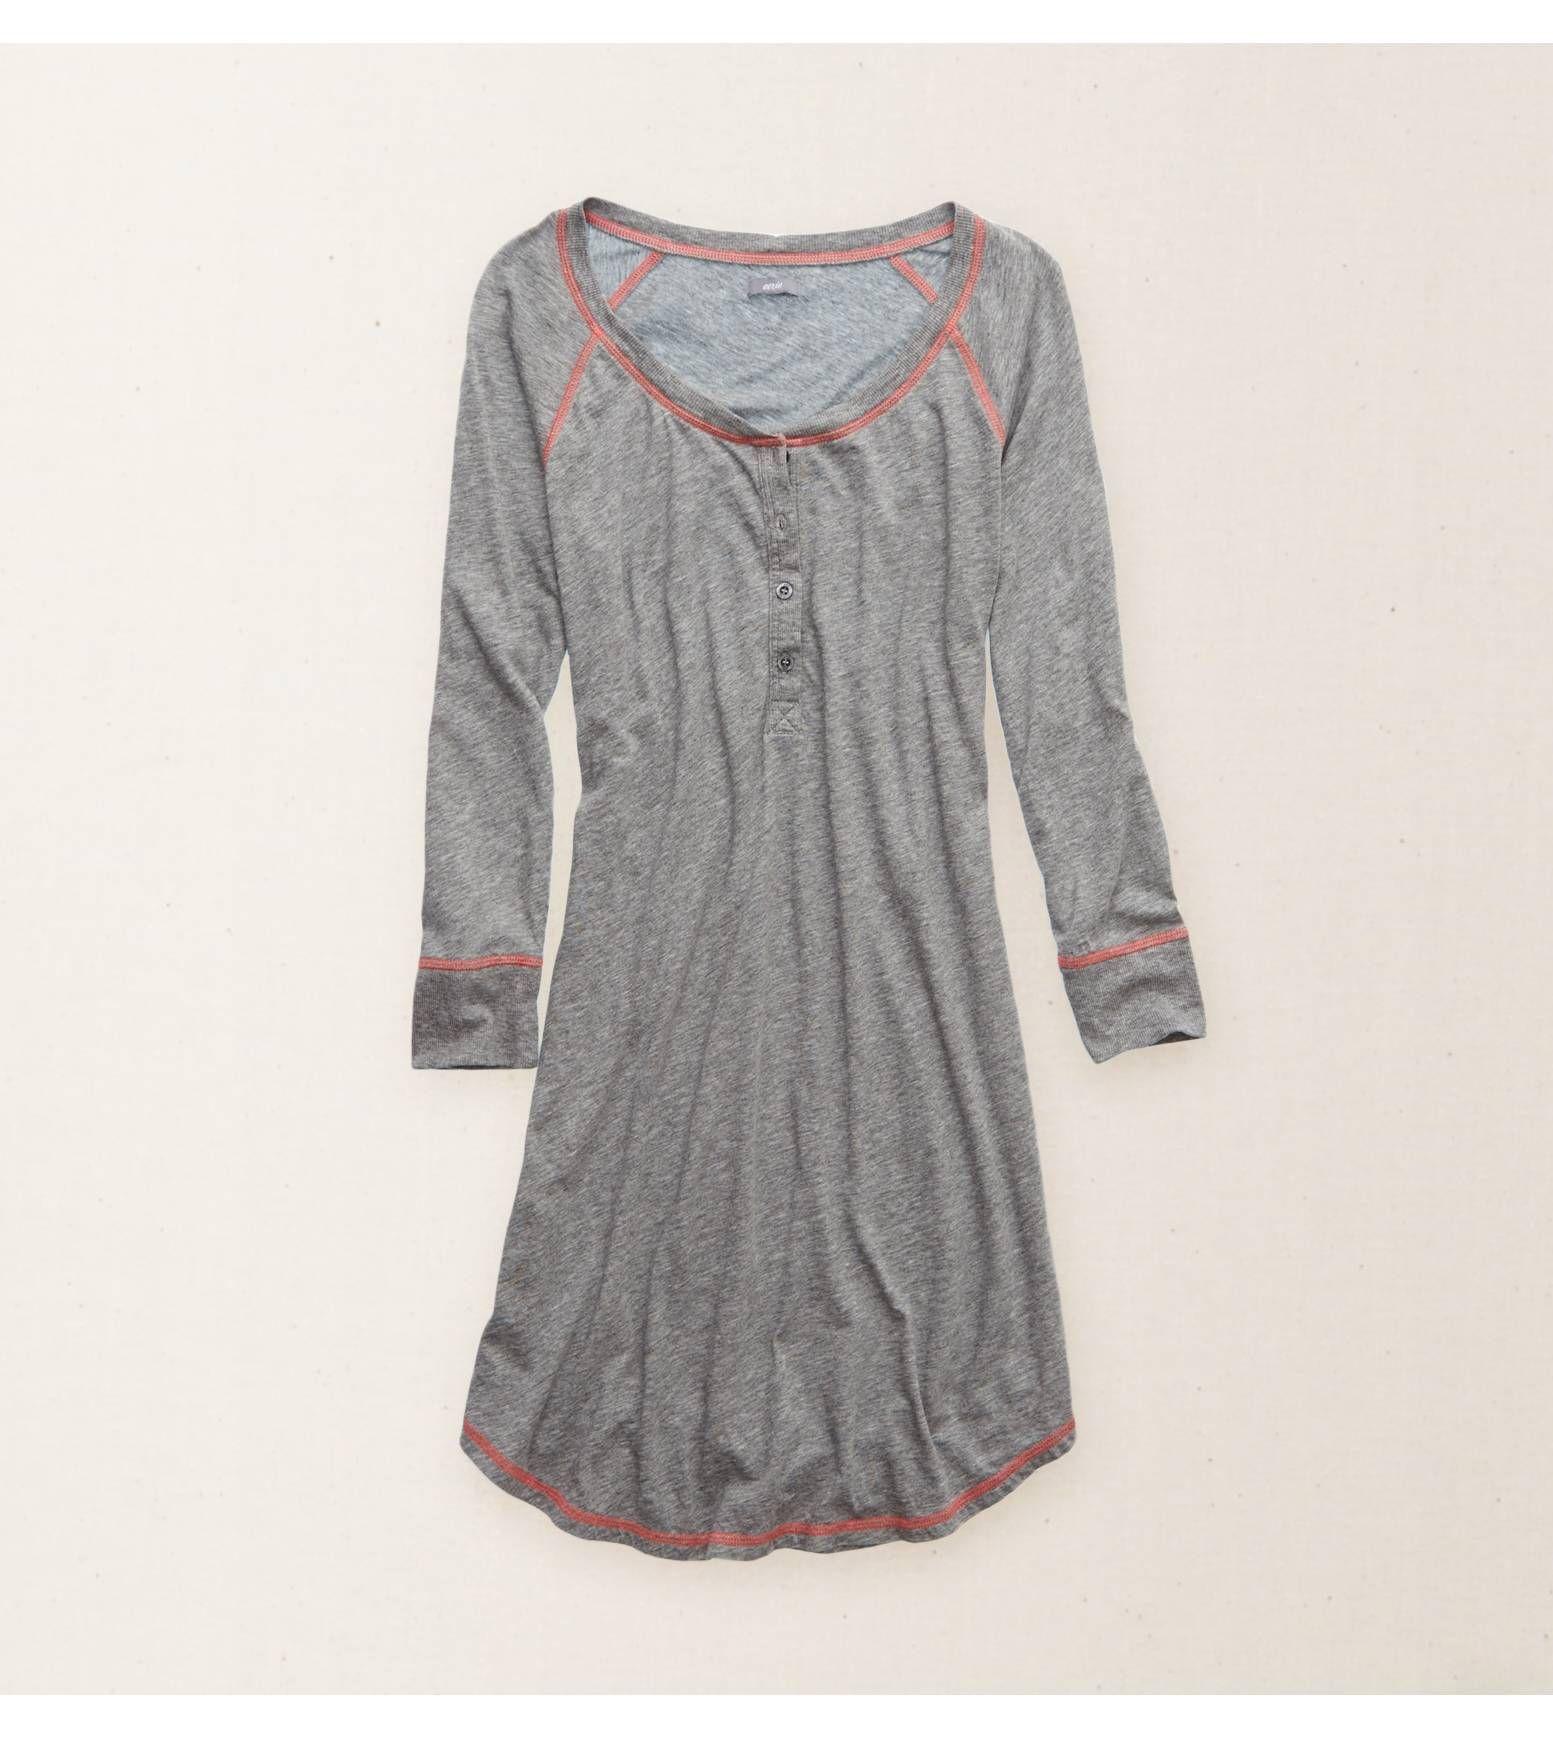 98d7ba592b9c Dark Heather Grey Aerie Softest Sleep Shirt - Sleep softly   lounge  adorably!  Aerie